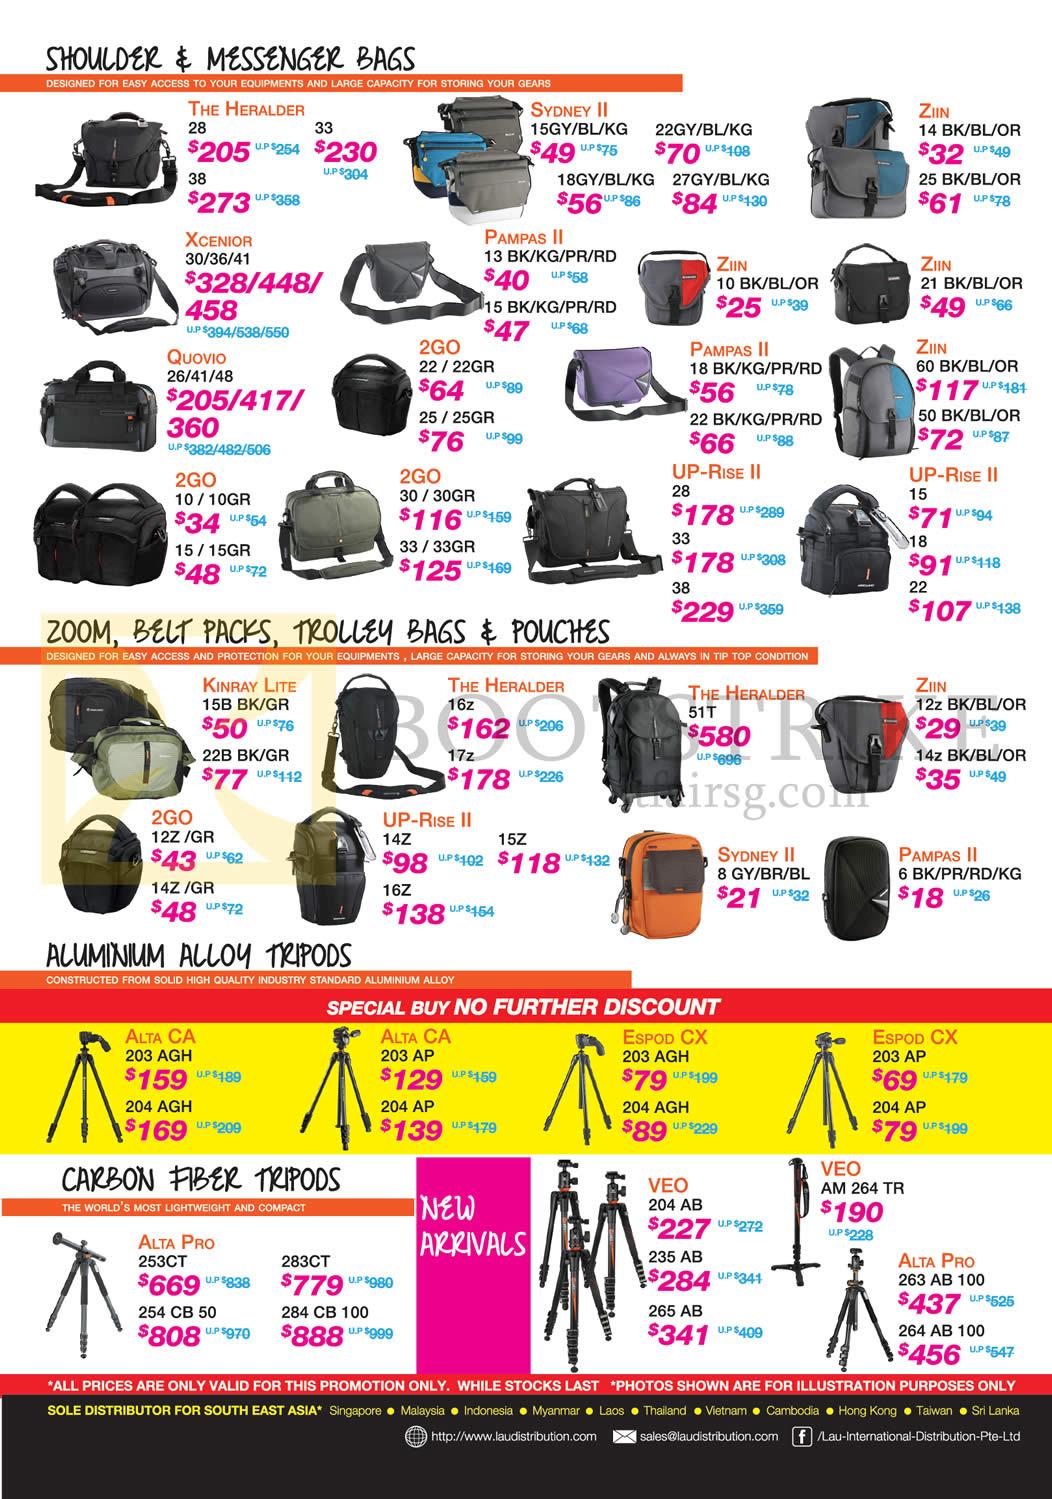 Lau Intl Shoulder, Messenger Bags, Zoom Belt Packs, Trolley Bags, Pouches, Aluminium Alloy Tripods, Carbon Fiber Tripods